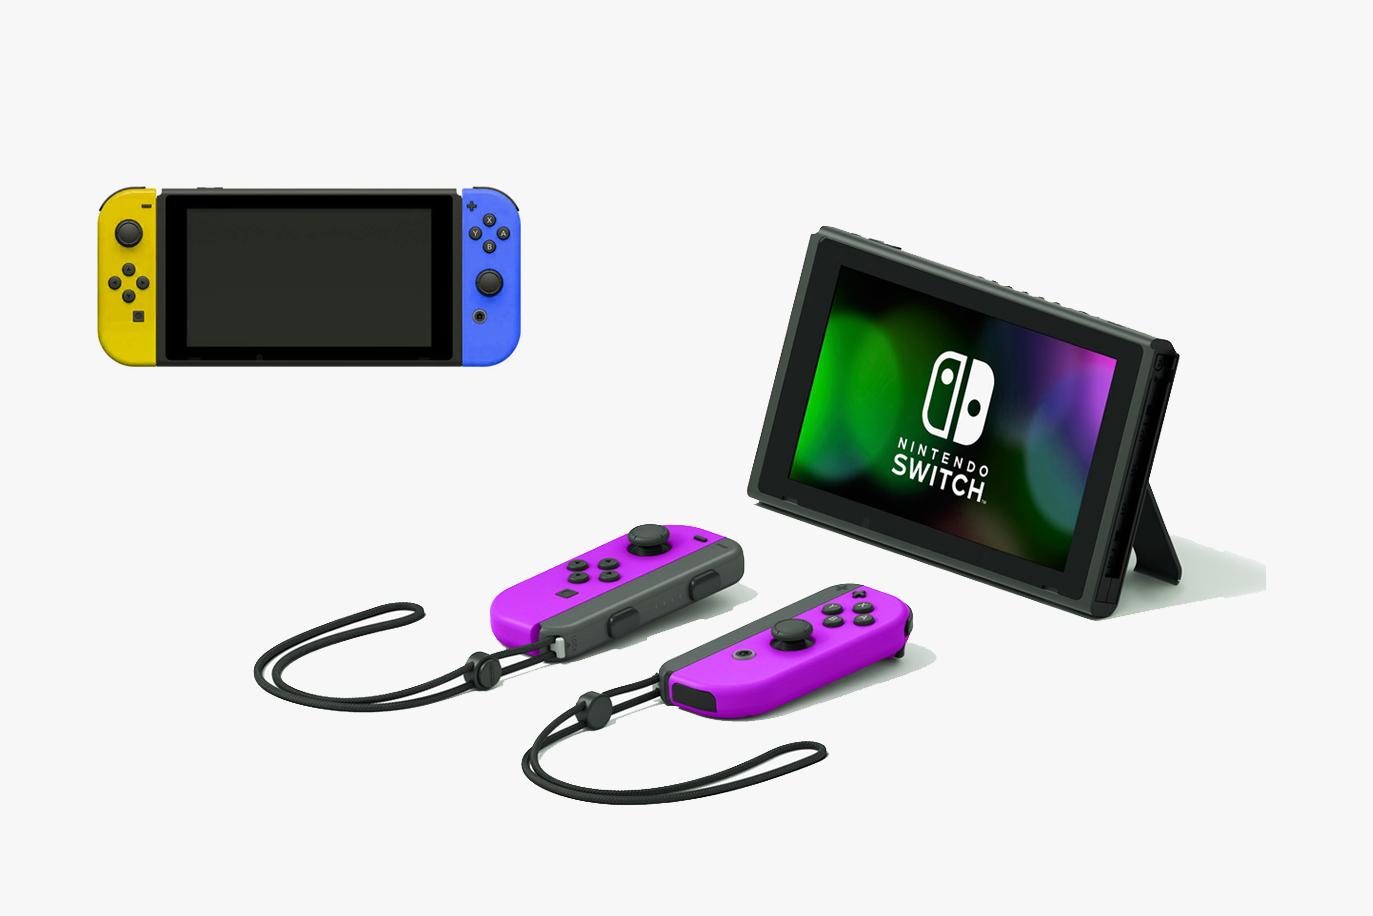 ลือ! Nintendo Switch 2 รุ่นใหม่ รุ่นเล็กพกพา กับรุ่นใหญ่สเปคแรง